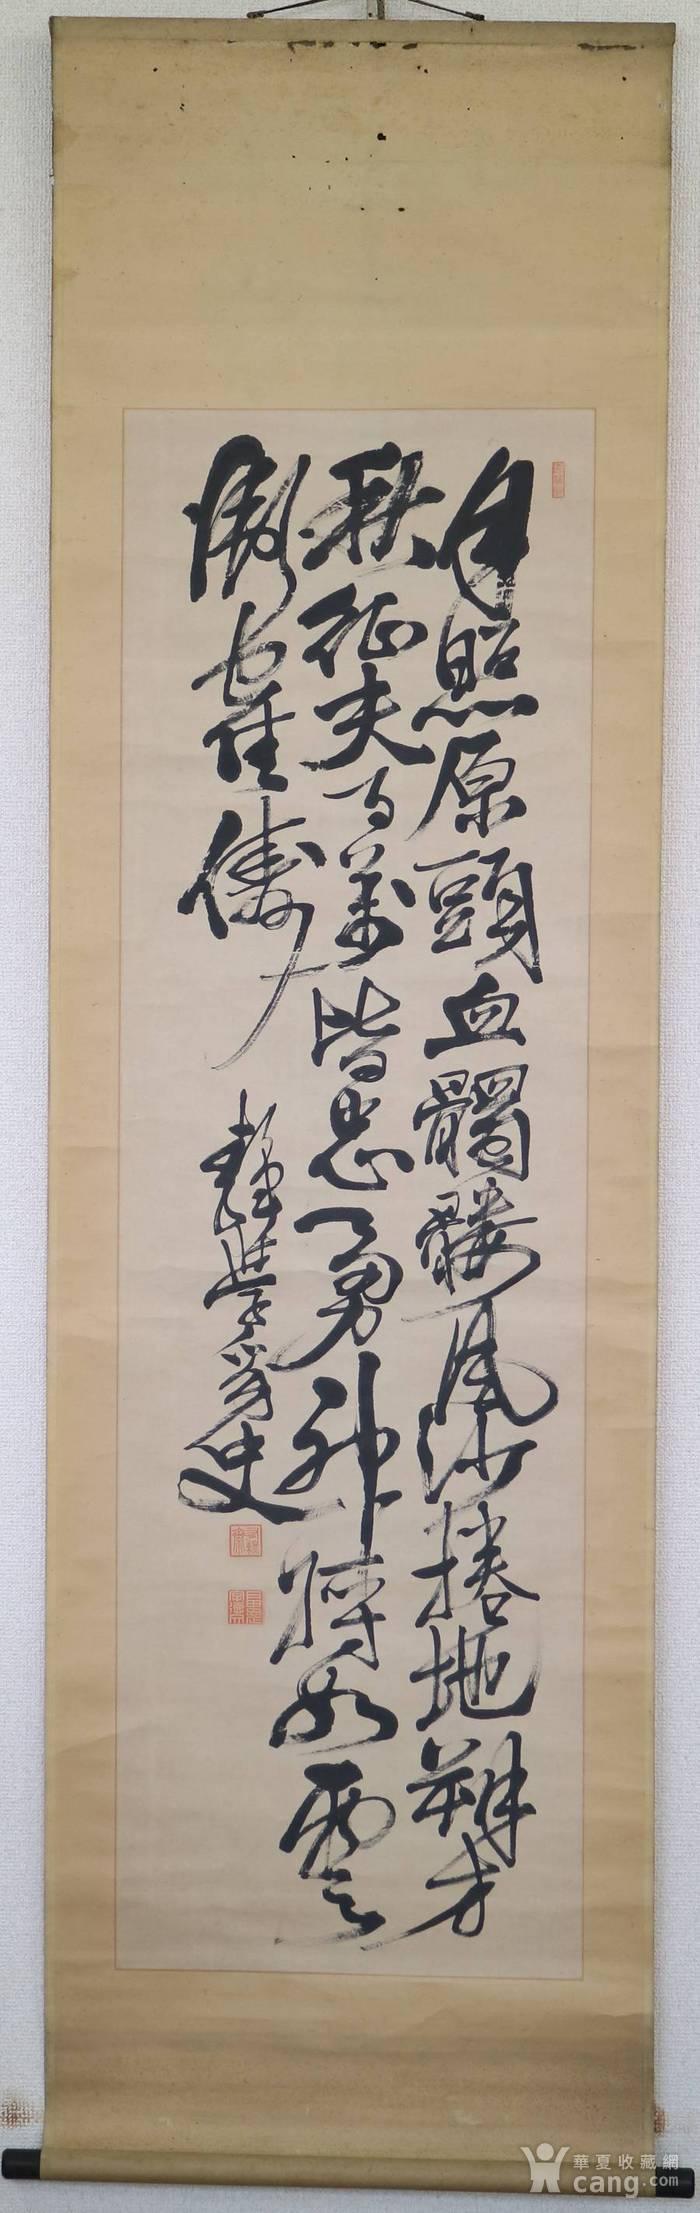 户田忠正,书法图1